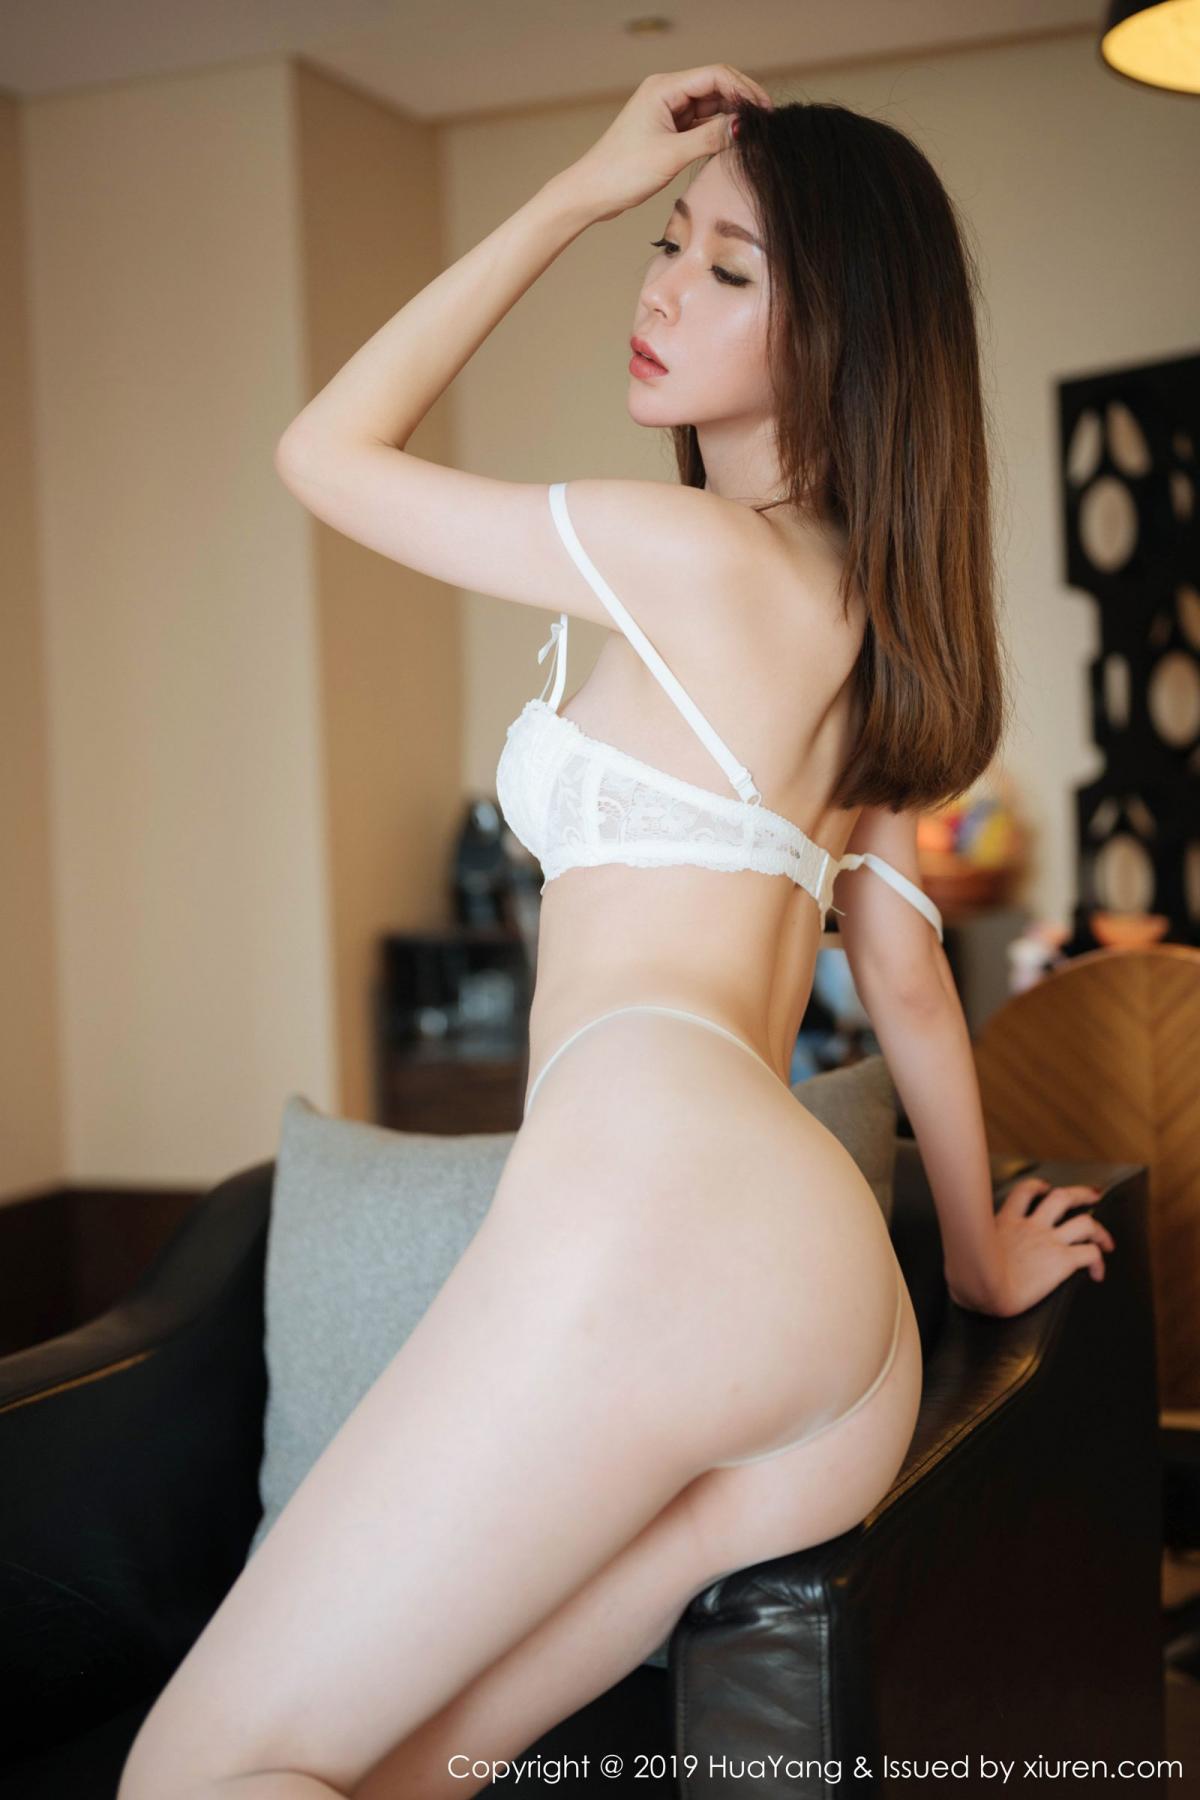 [Huayang] Vol.170 Meng Xin Yue 44P, HuaYang, Meng Xin Yue, Tall, Underwear